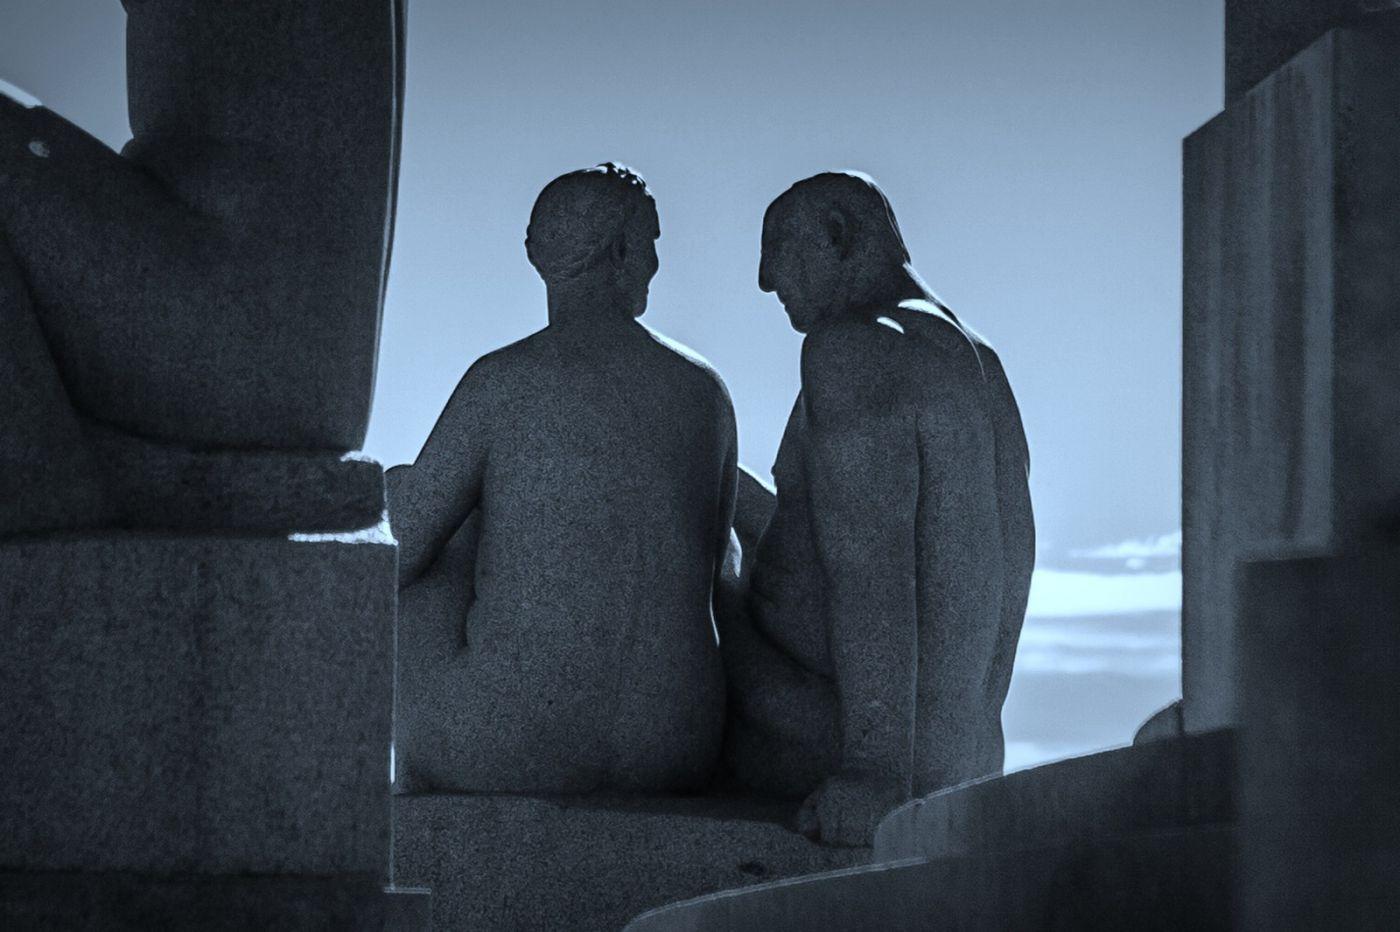 挪威维格兰雕塑公园,艺术的确来自生活_图1-10